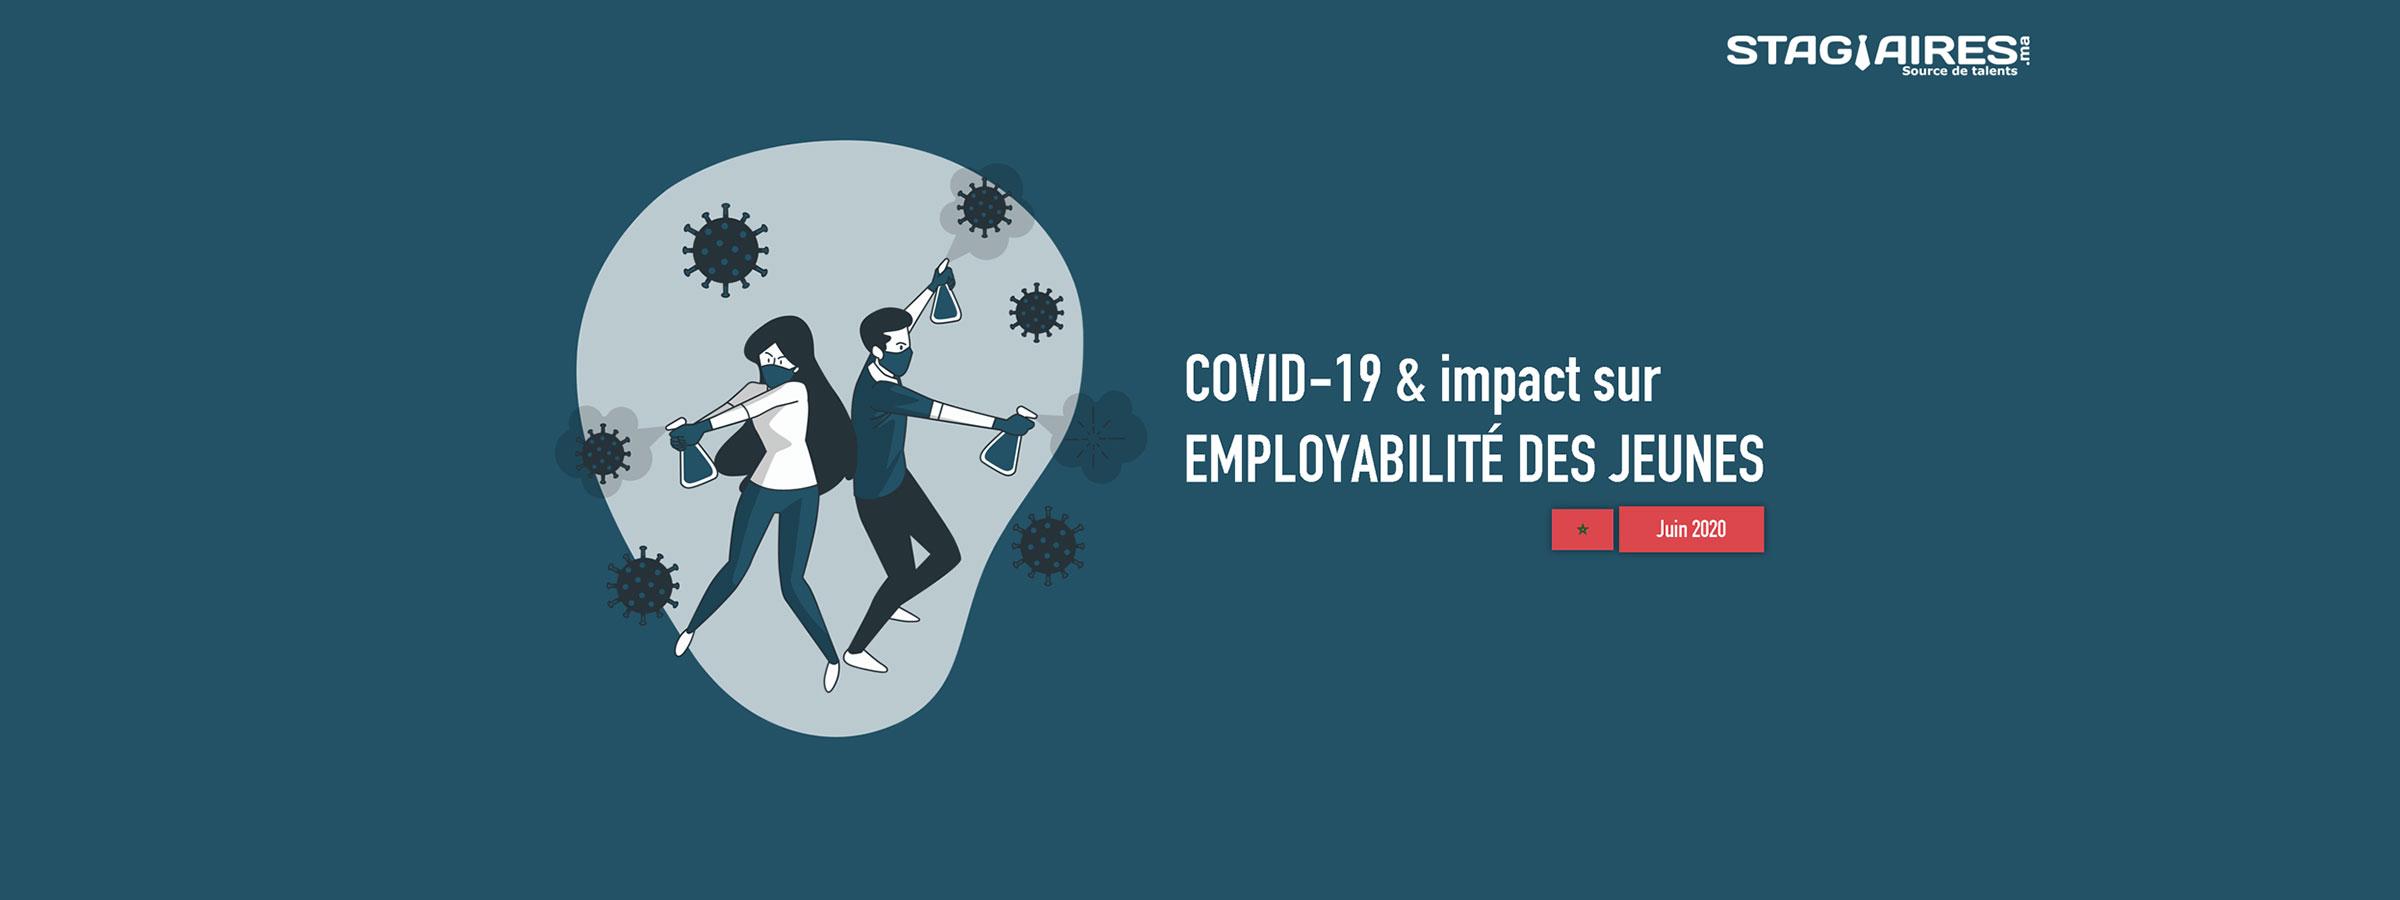 Impact du COVID-19 sur l'employabilité des jeunes au Maroc